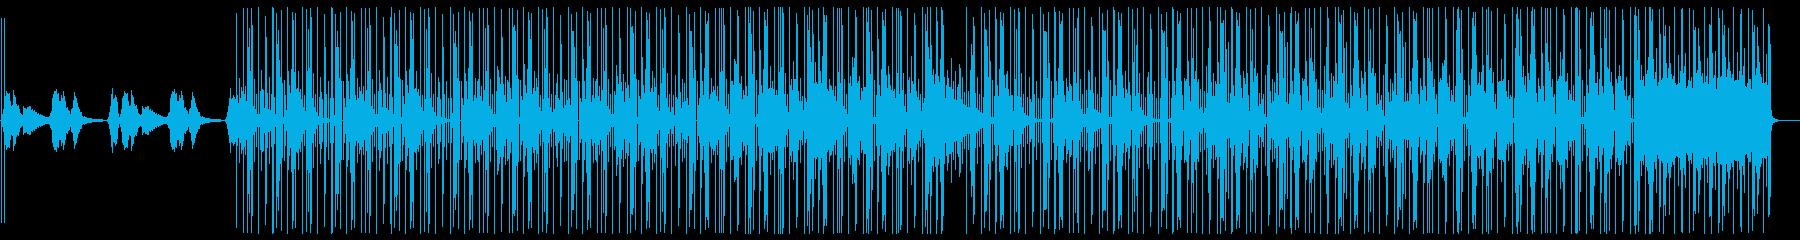 幻想的 電子音 チルアウト ヒップホップの再生済みの波形